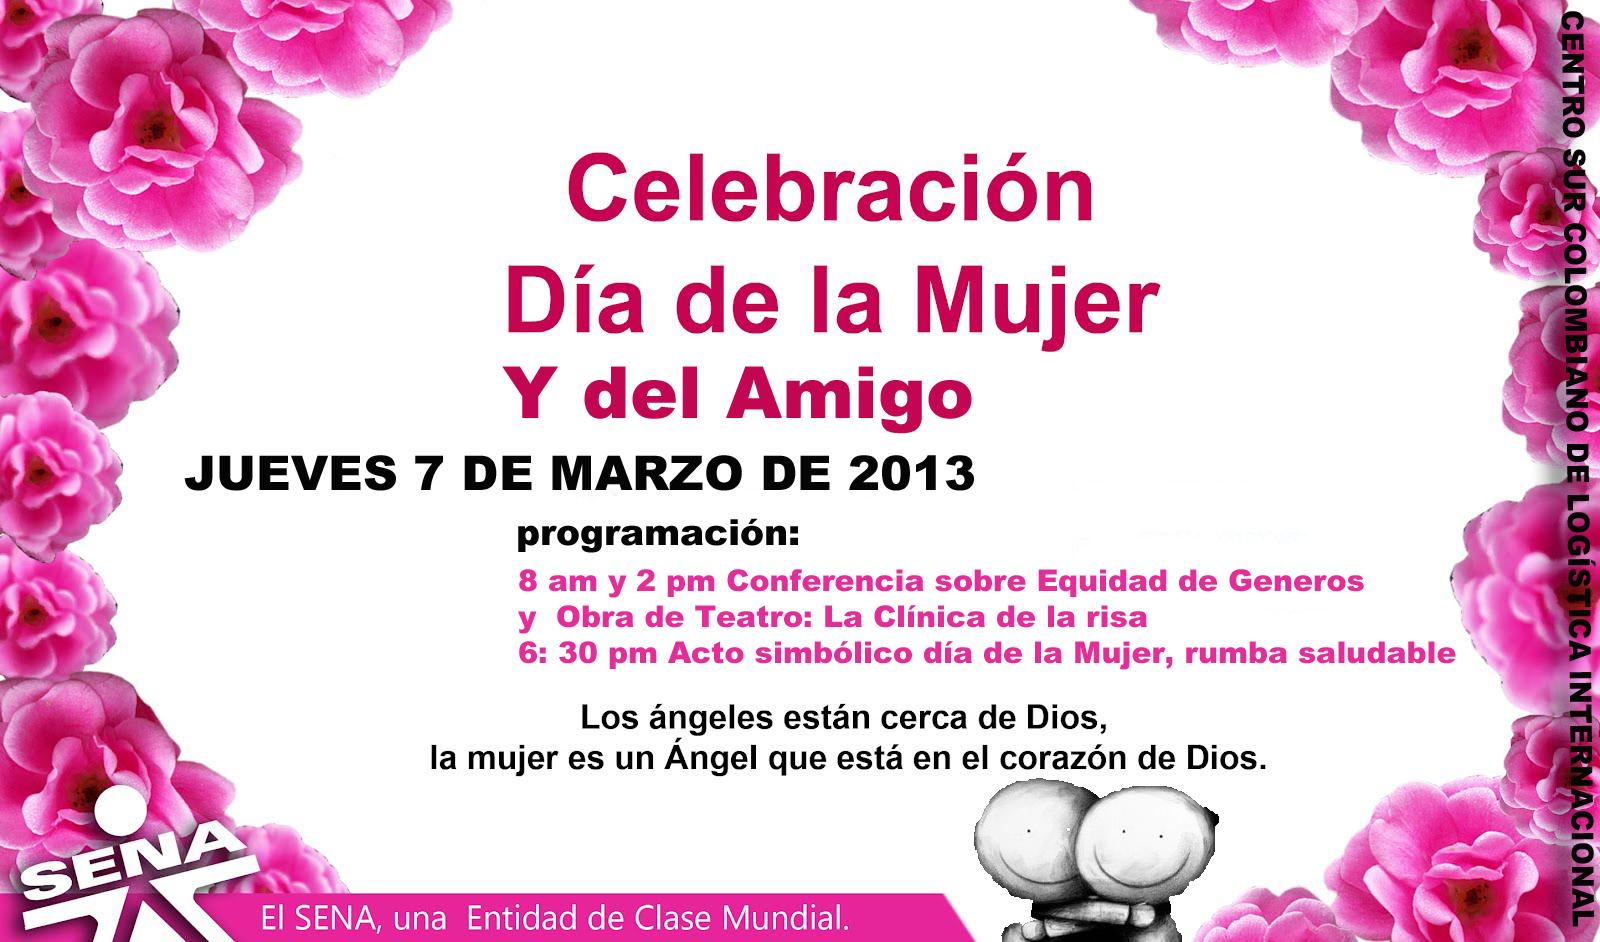 Invitación A Celebración Día De La Madre: CENTRO SUR COLOMBIANO DE LOGISTICA INTERNACIONAL